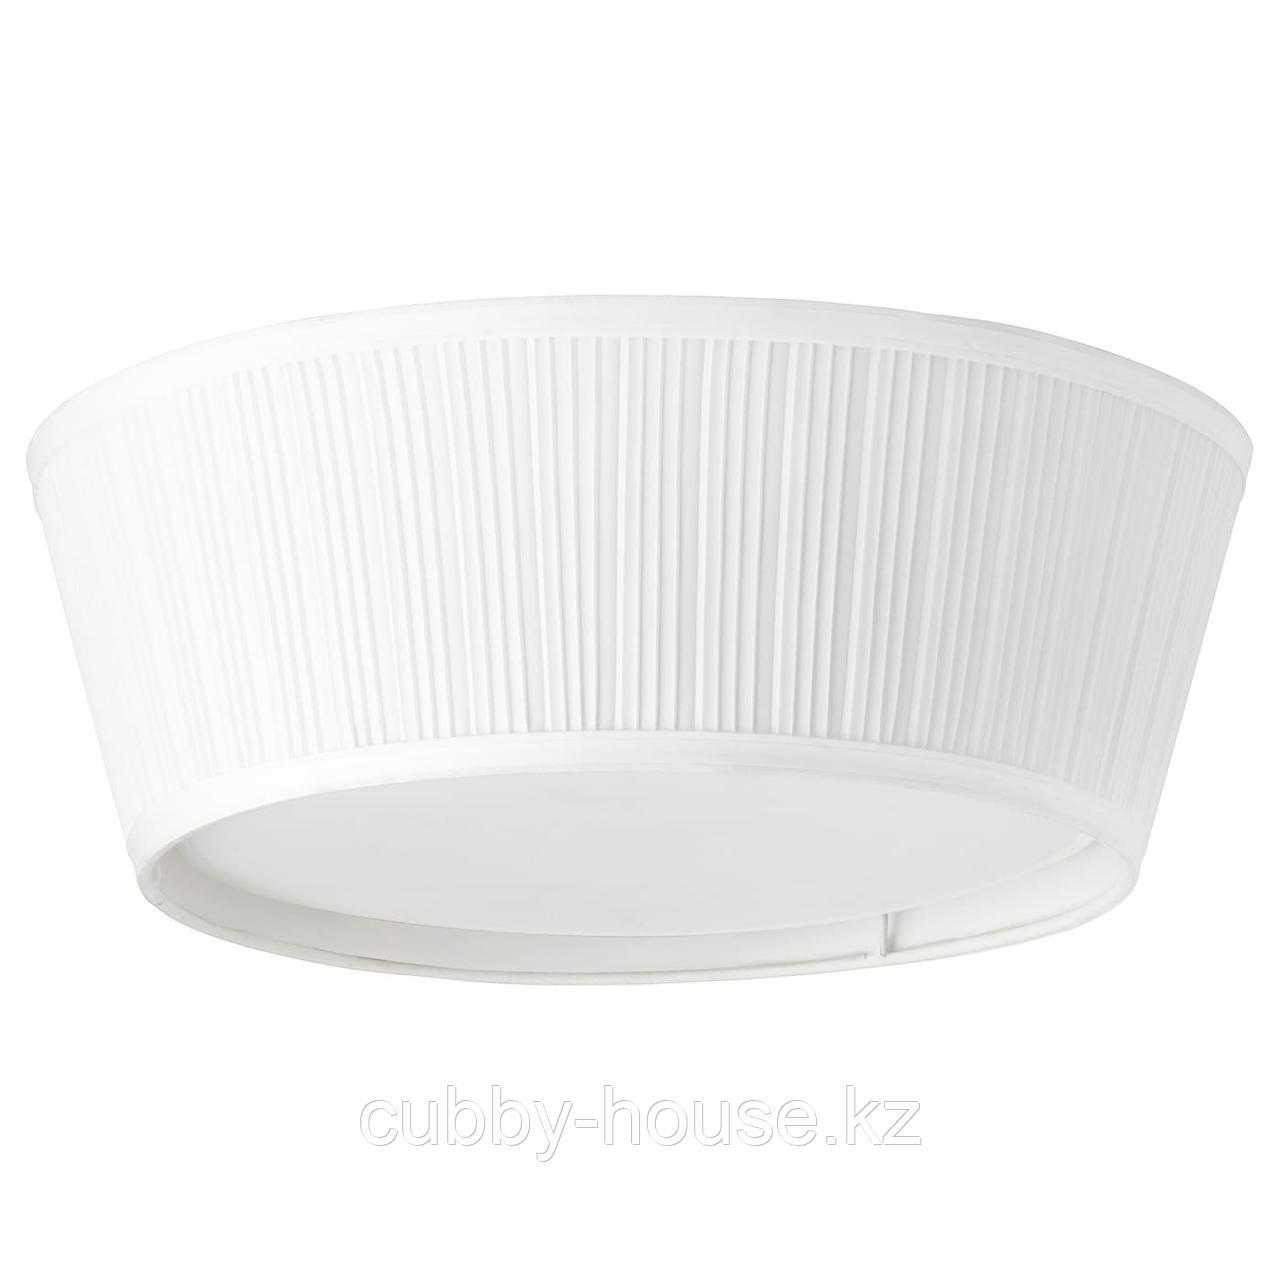 ОРСТИД Потолочный светильник, белый, 46 см